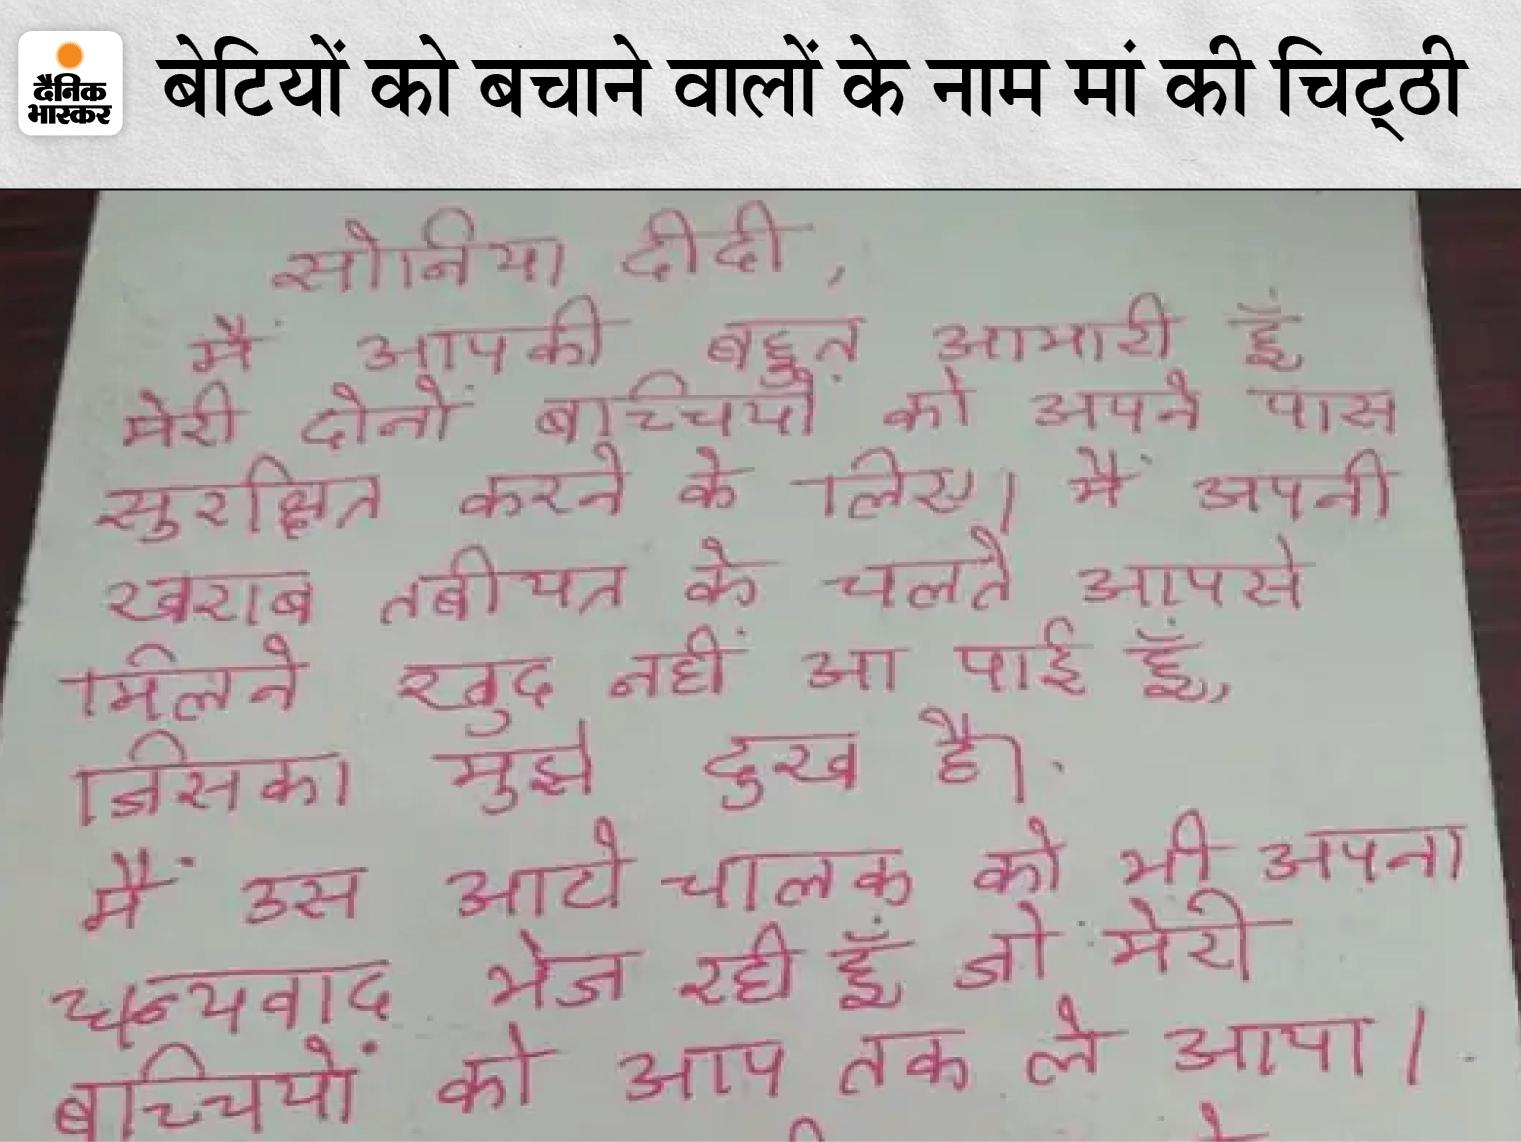 जबलपुर से भोपाल पहुंची, होटल जाने के लिए ऑटो किया, ड्राइवर को शक हुआ तो उन्हें थाने ले गया; NRI मां-बाप ने जताया आभार|मध्य प्रदेश,Madhya Pradesh - Dainik Bhaskar